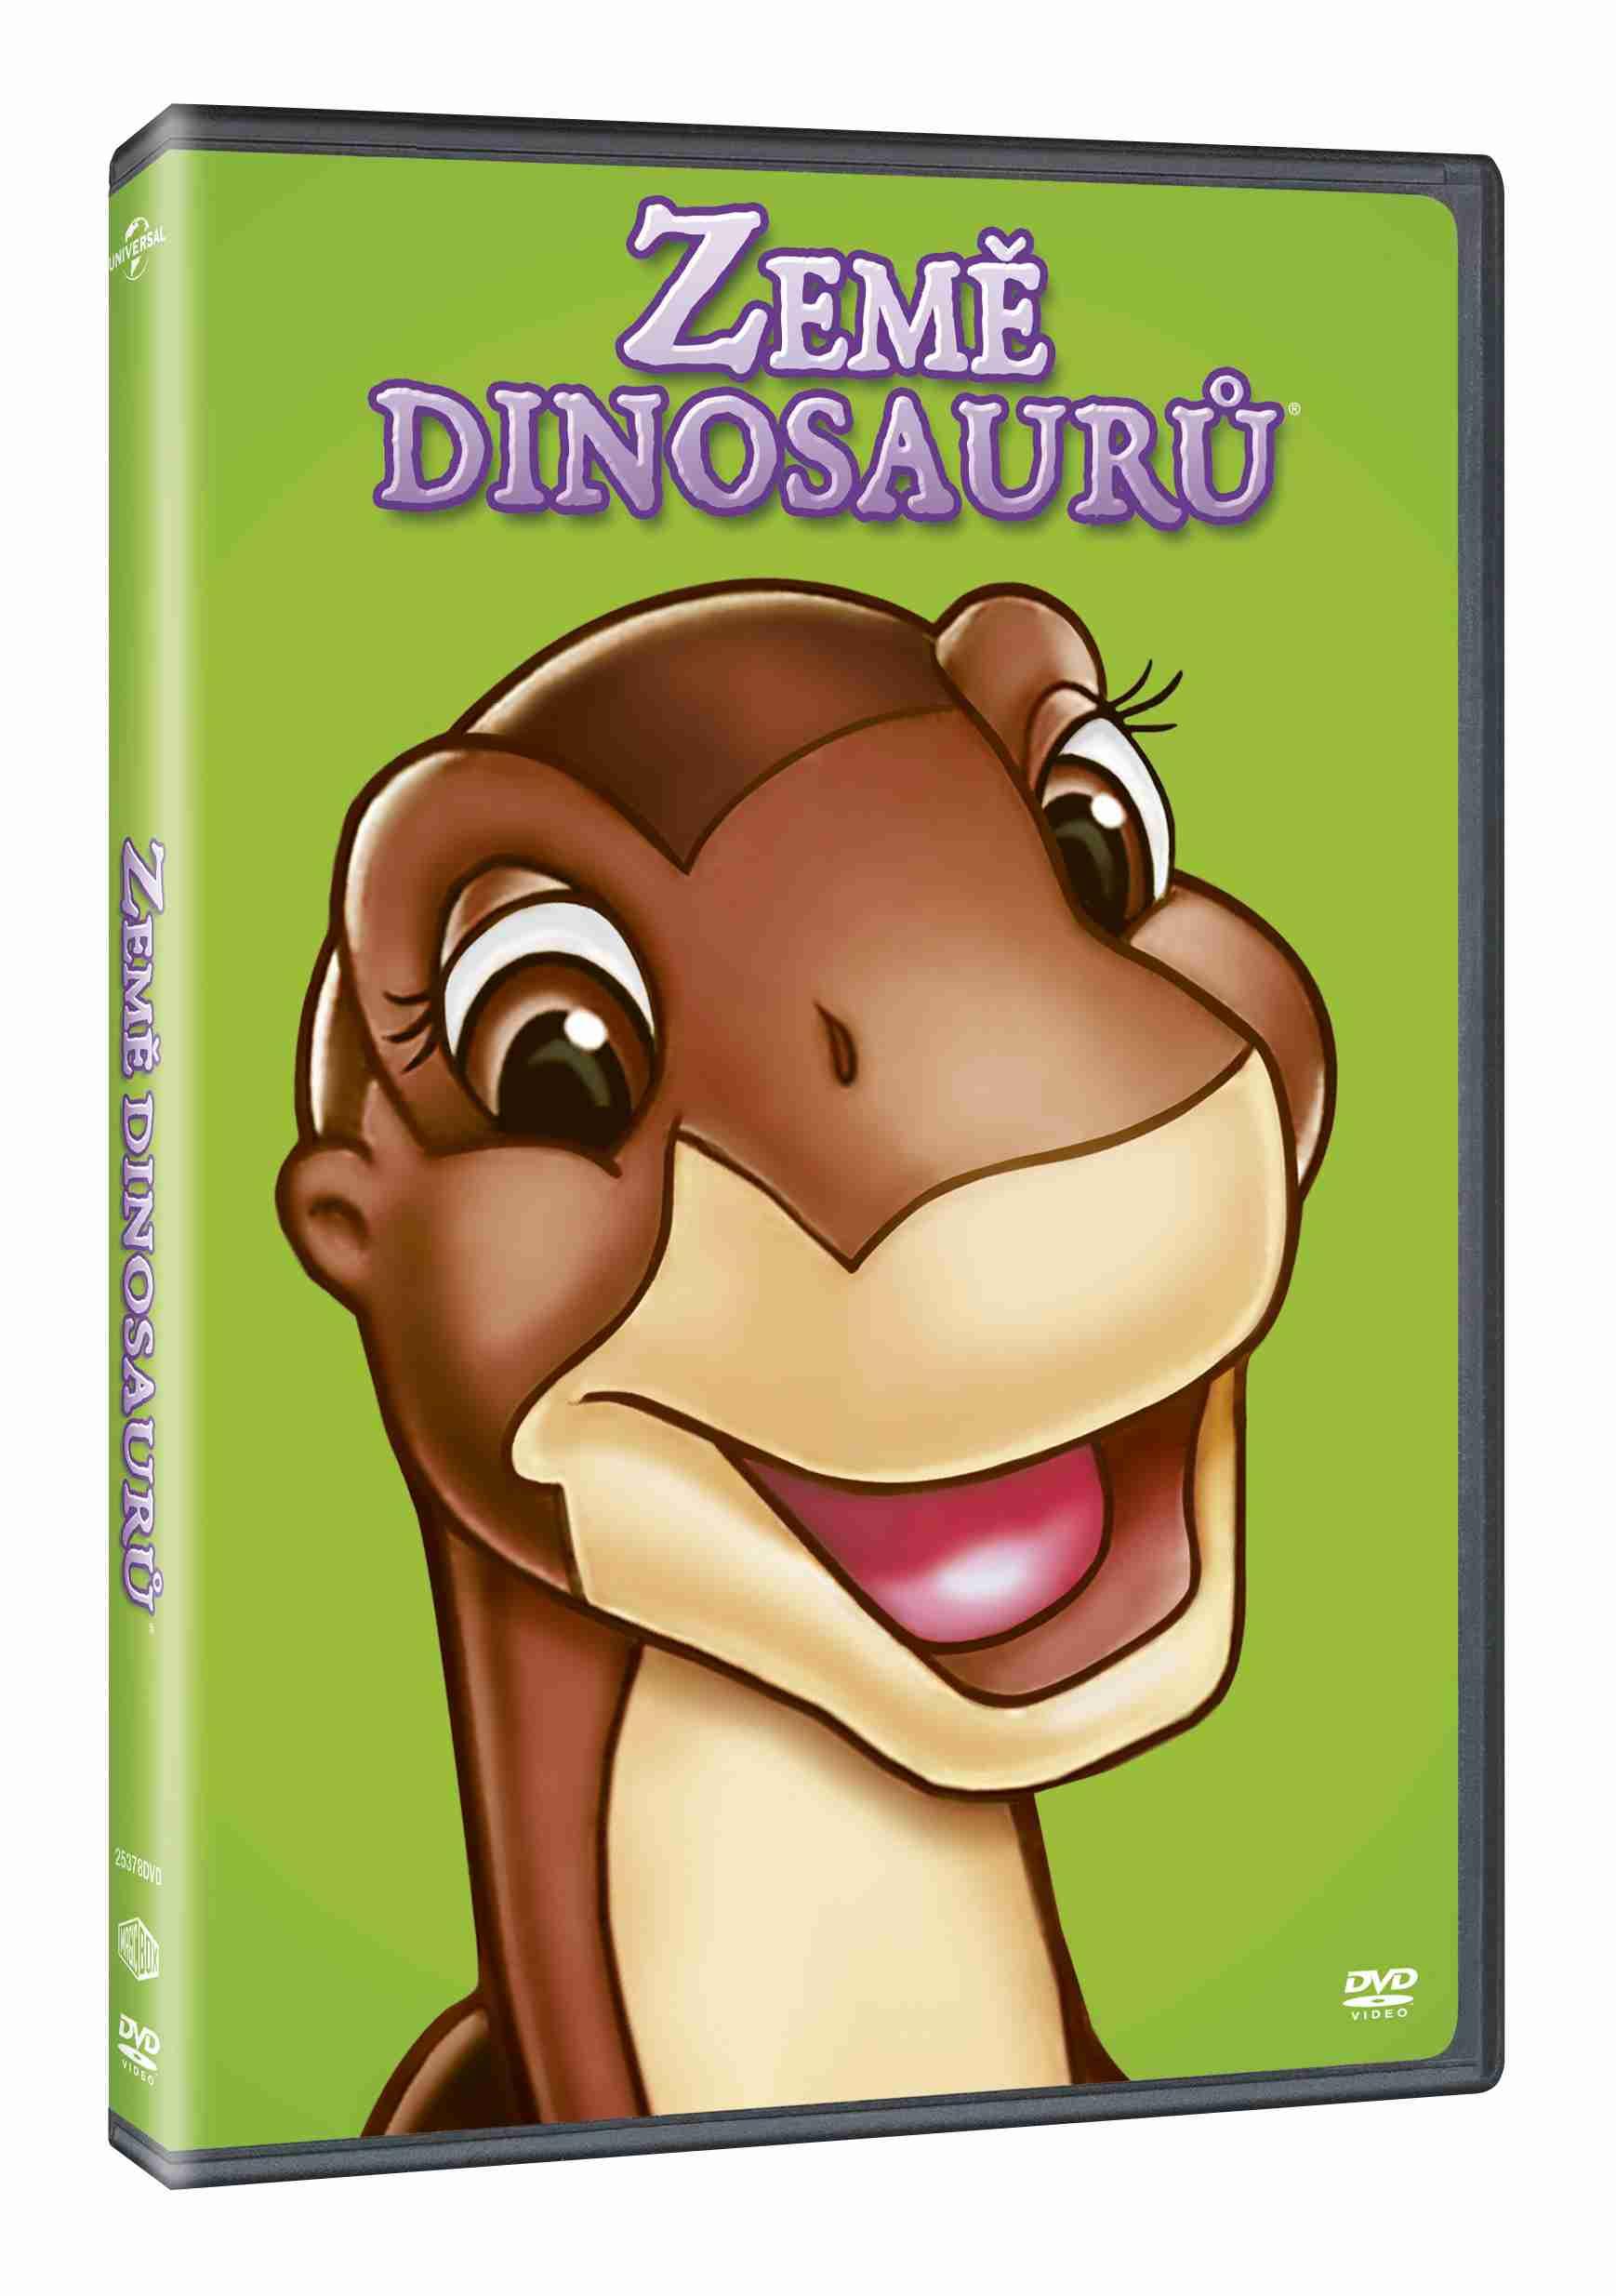 Země dinosaurů: Jak to všechno začalo - DVD